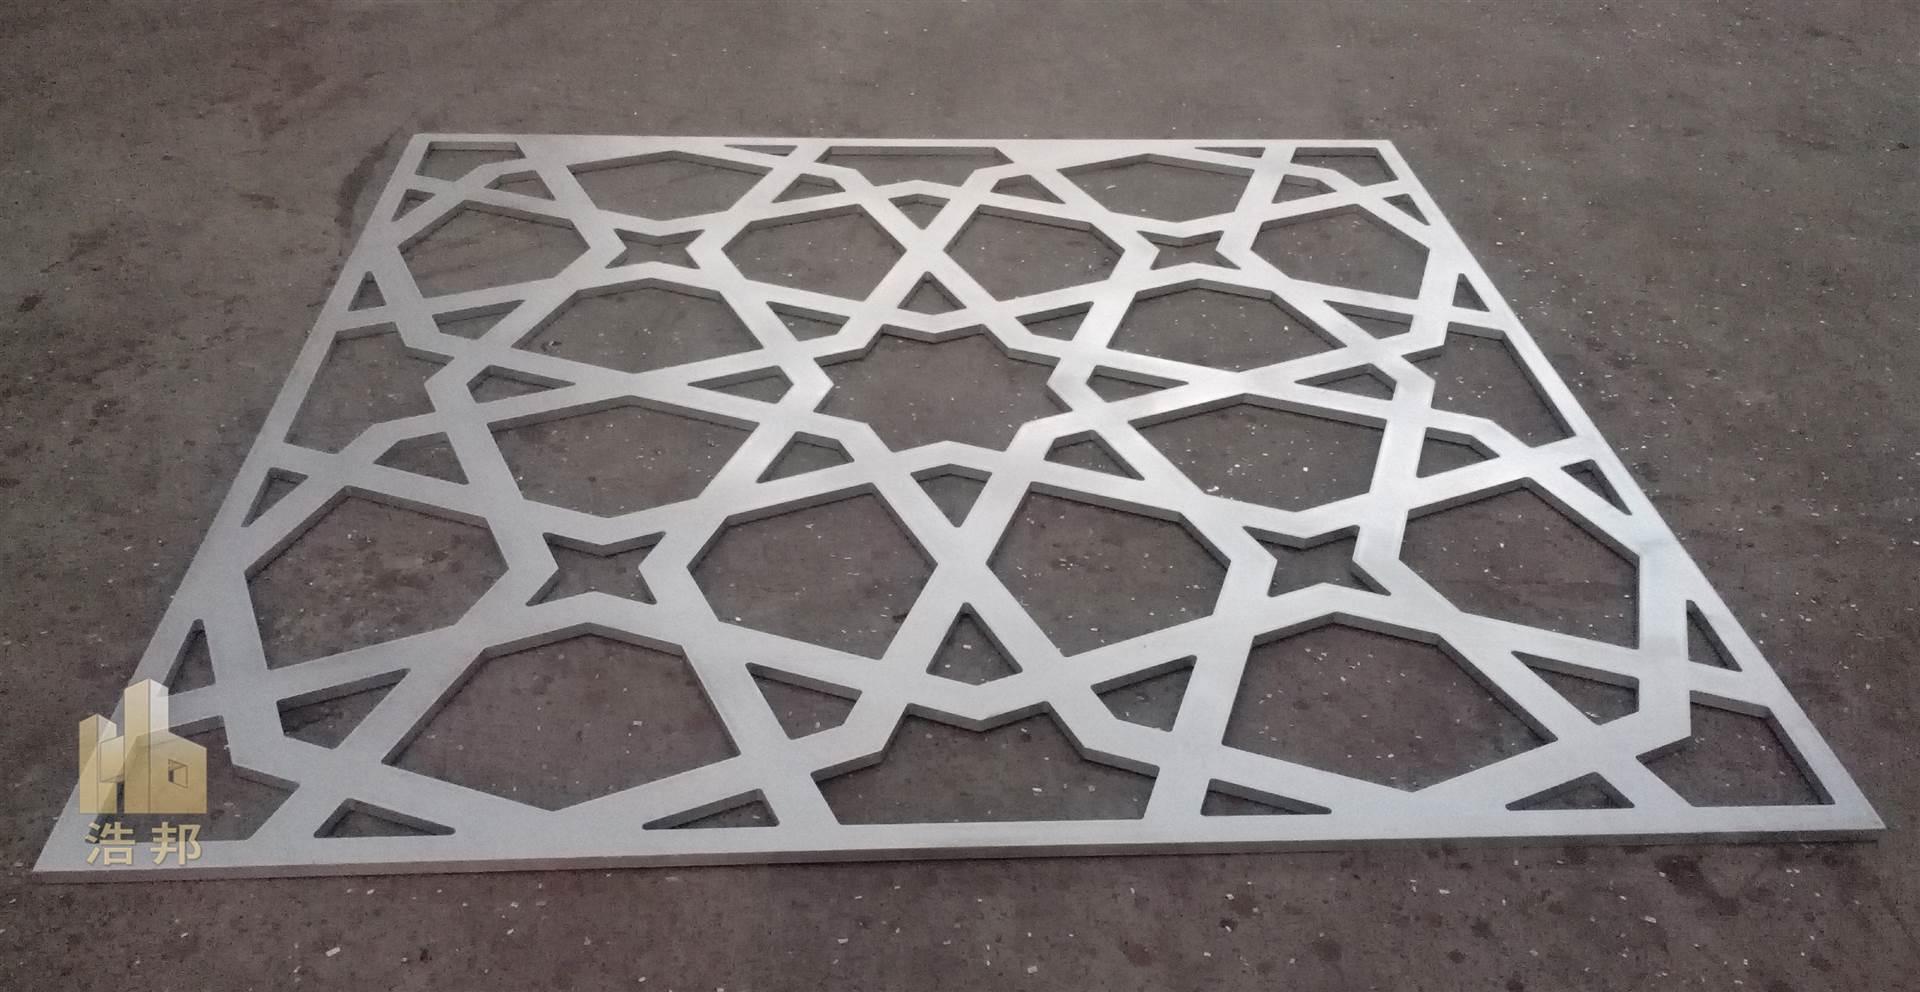 供应雕花铝单板 铝单板雕花